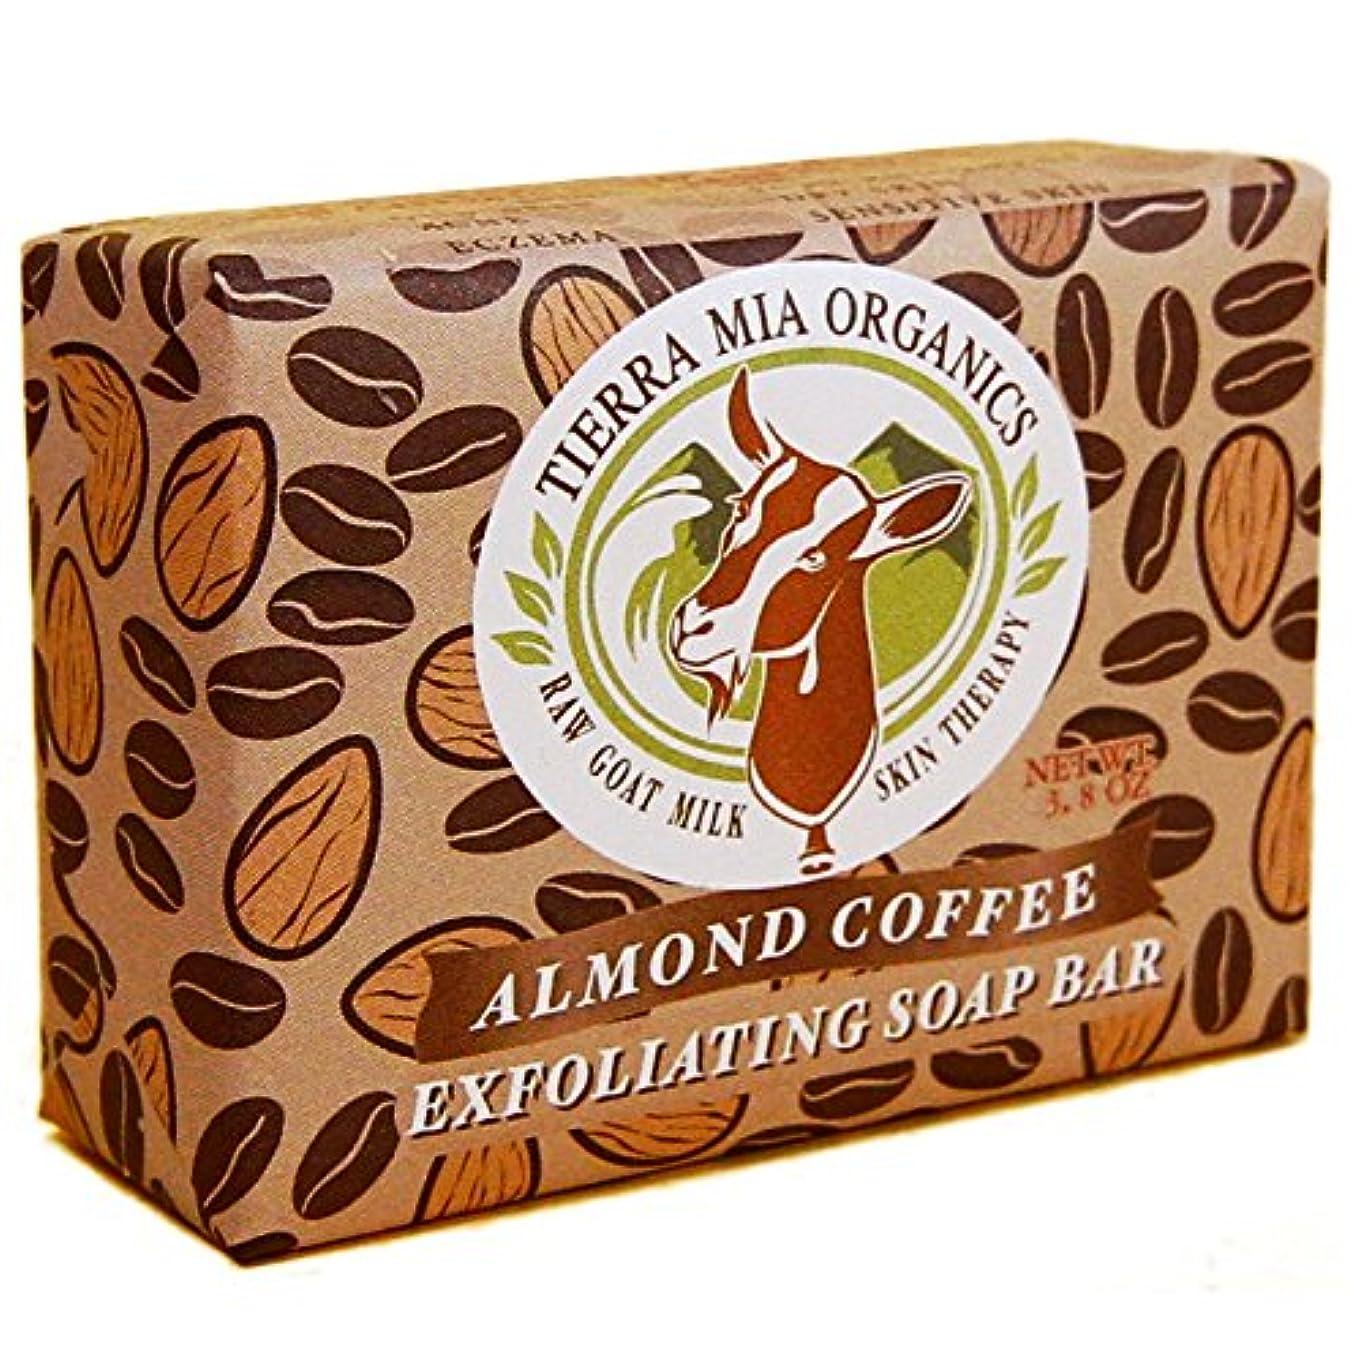 湾ディスパッチスクリーチTierra Mia Organics, Raw Goat Milk Skin Therapy, Exfoliating Soap Bar, Almond Coffee, 3.8 oz